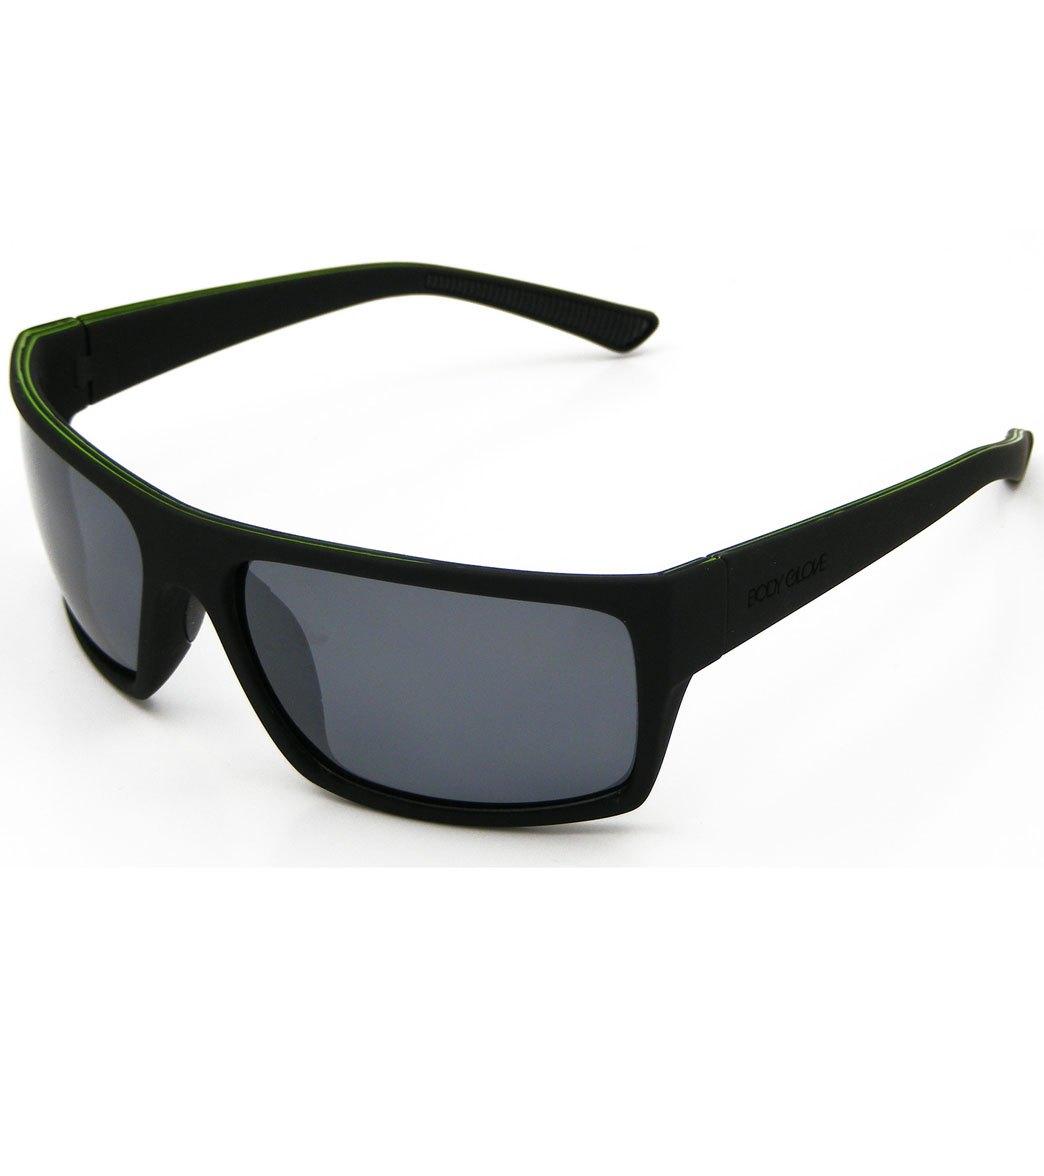 e1565aa920 Sunski Headlands Polarized Sunglasses  48.00. Share